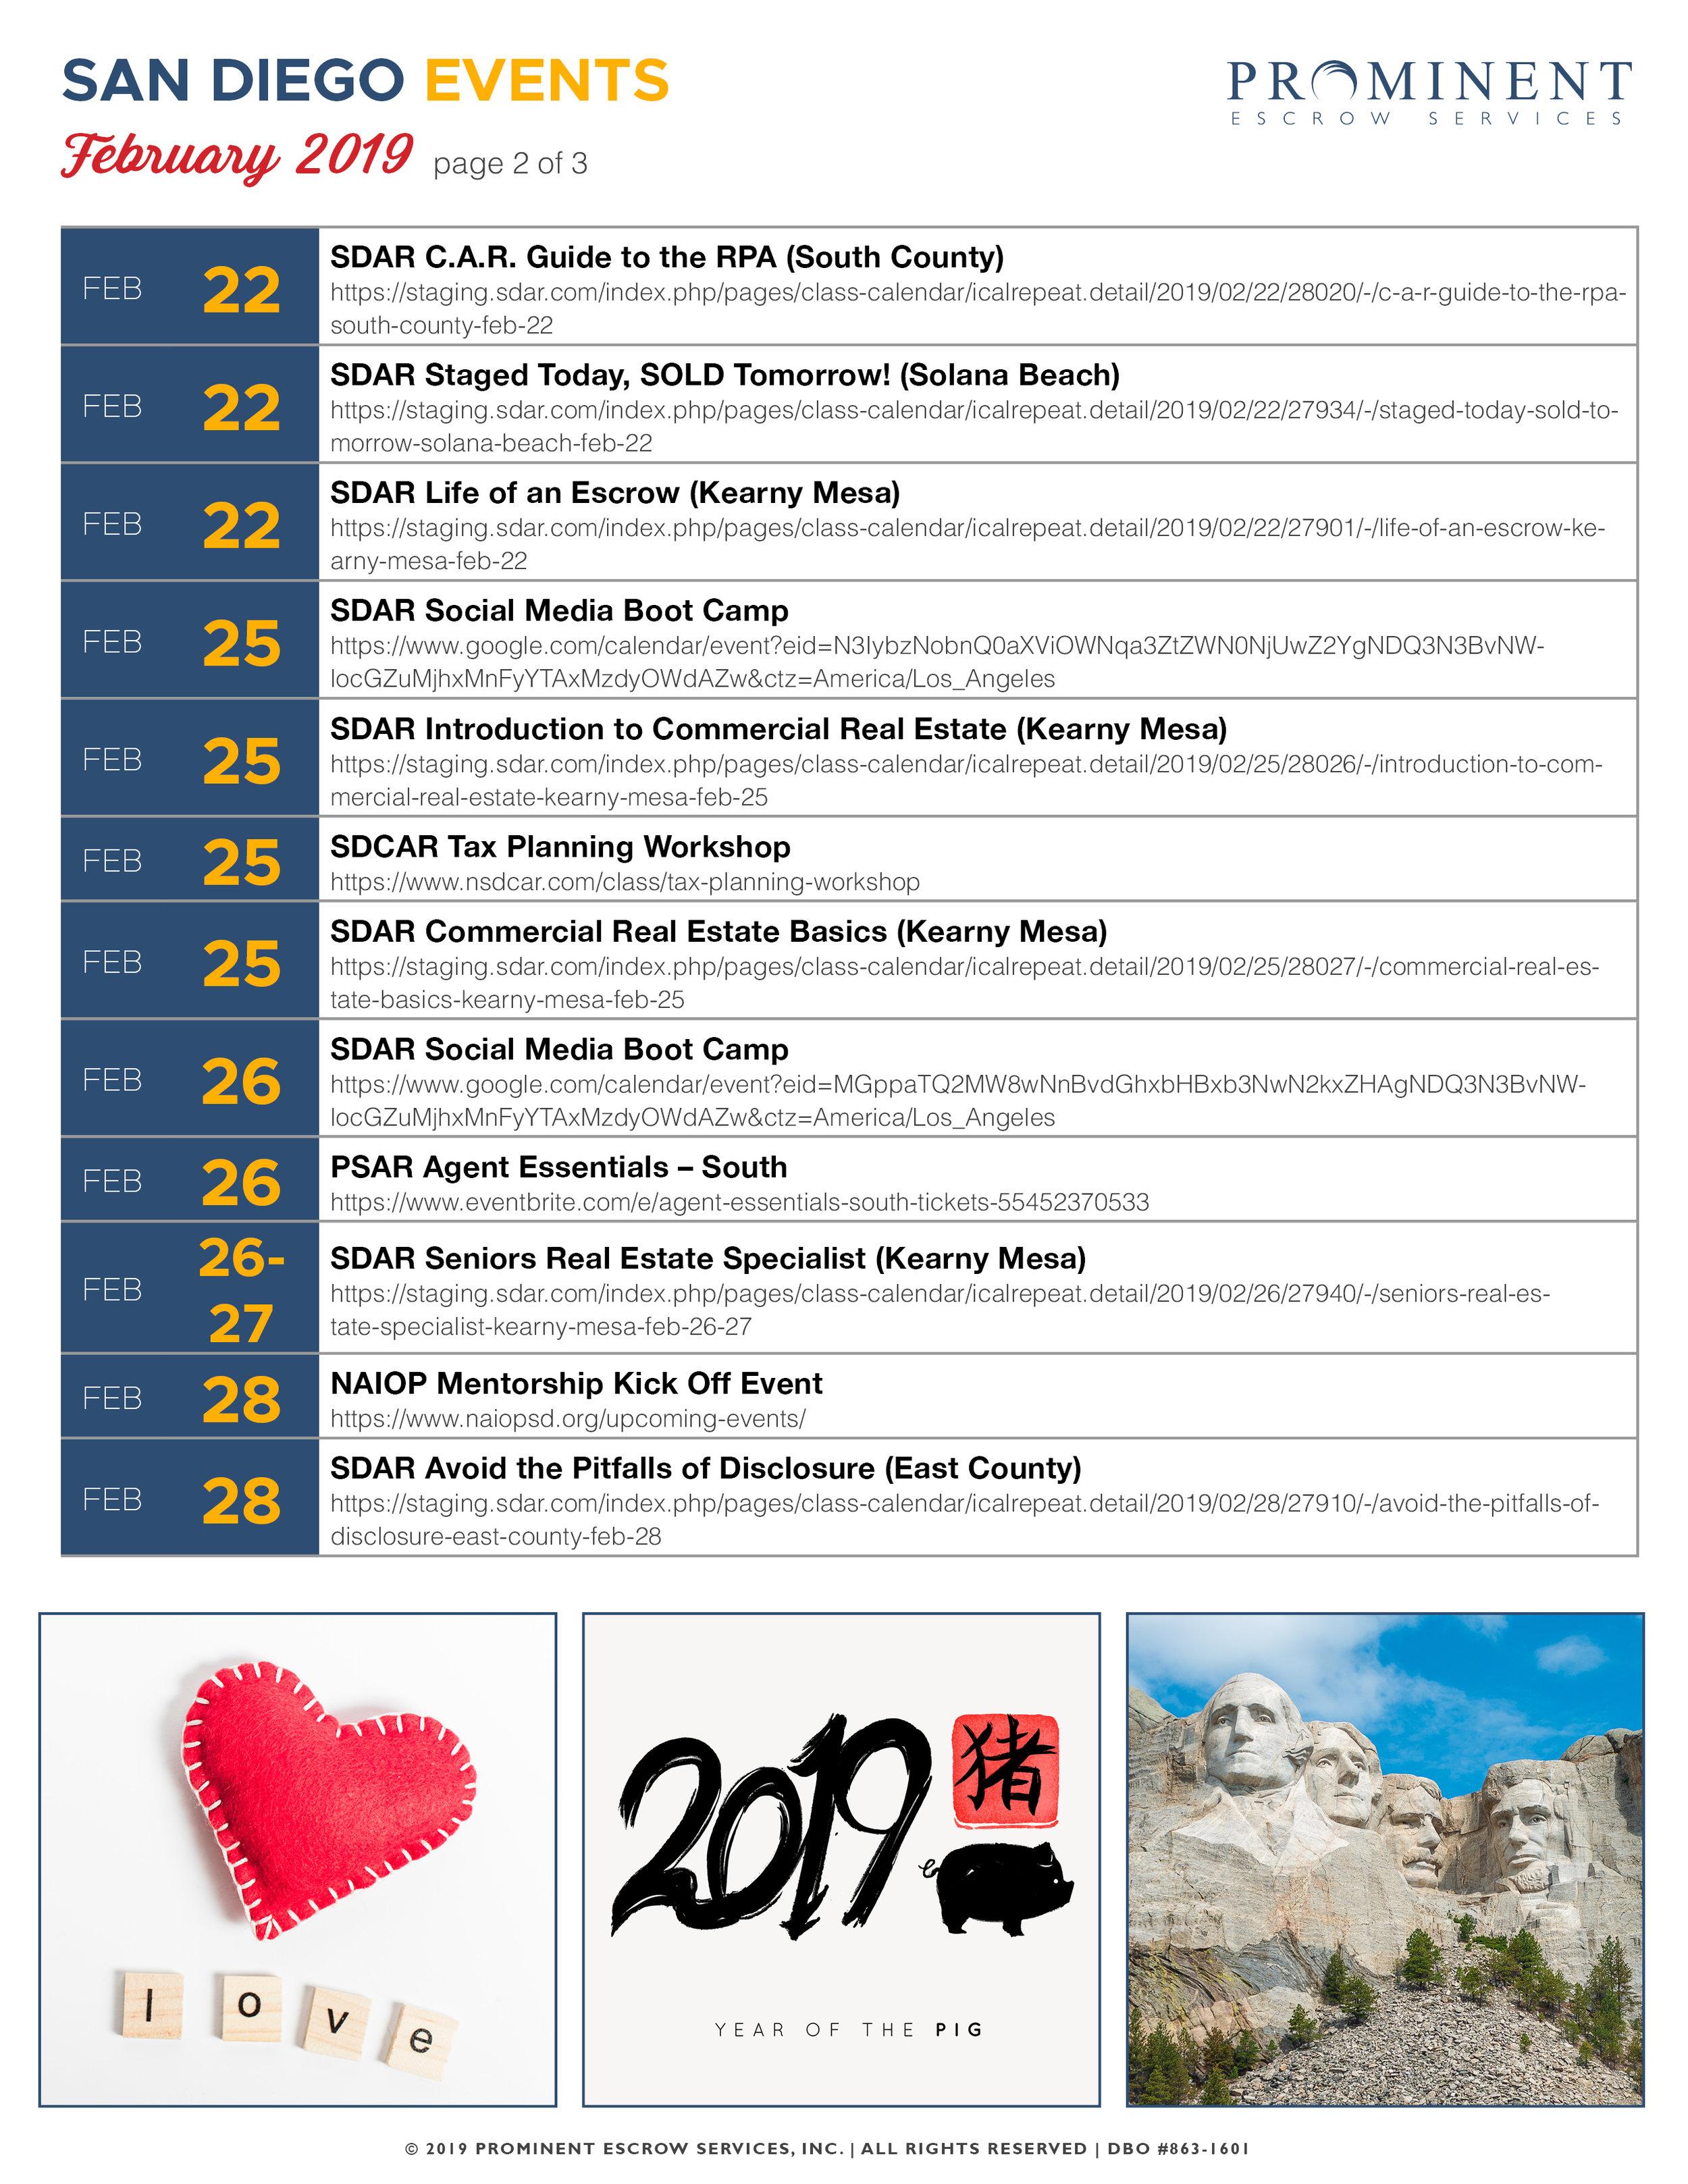 February SD Event calendar_ProminentEscrow3.jpg